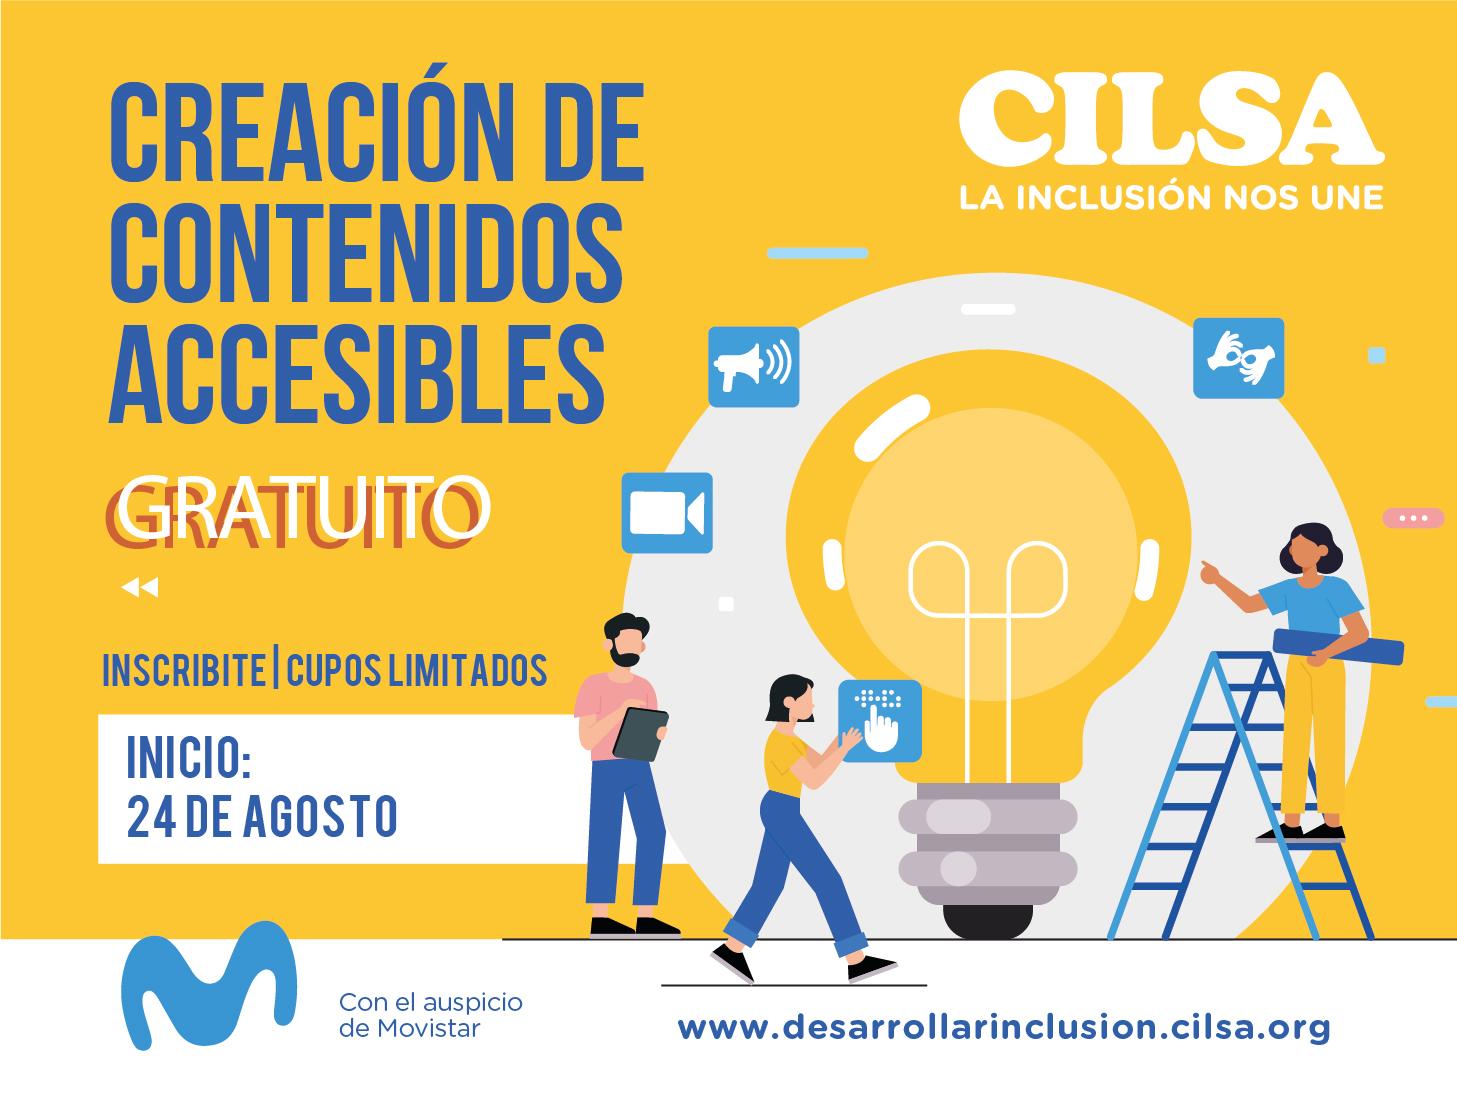 Creacion de contenidos accesibles, curso gratuito online, comienza la inscripción el 24 de agosto de 2020. auspicia movistar. cilsa ong